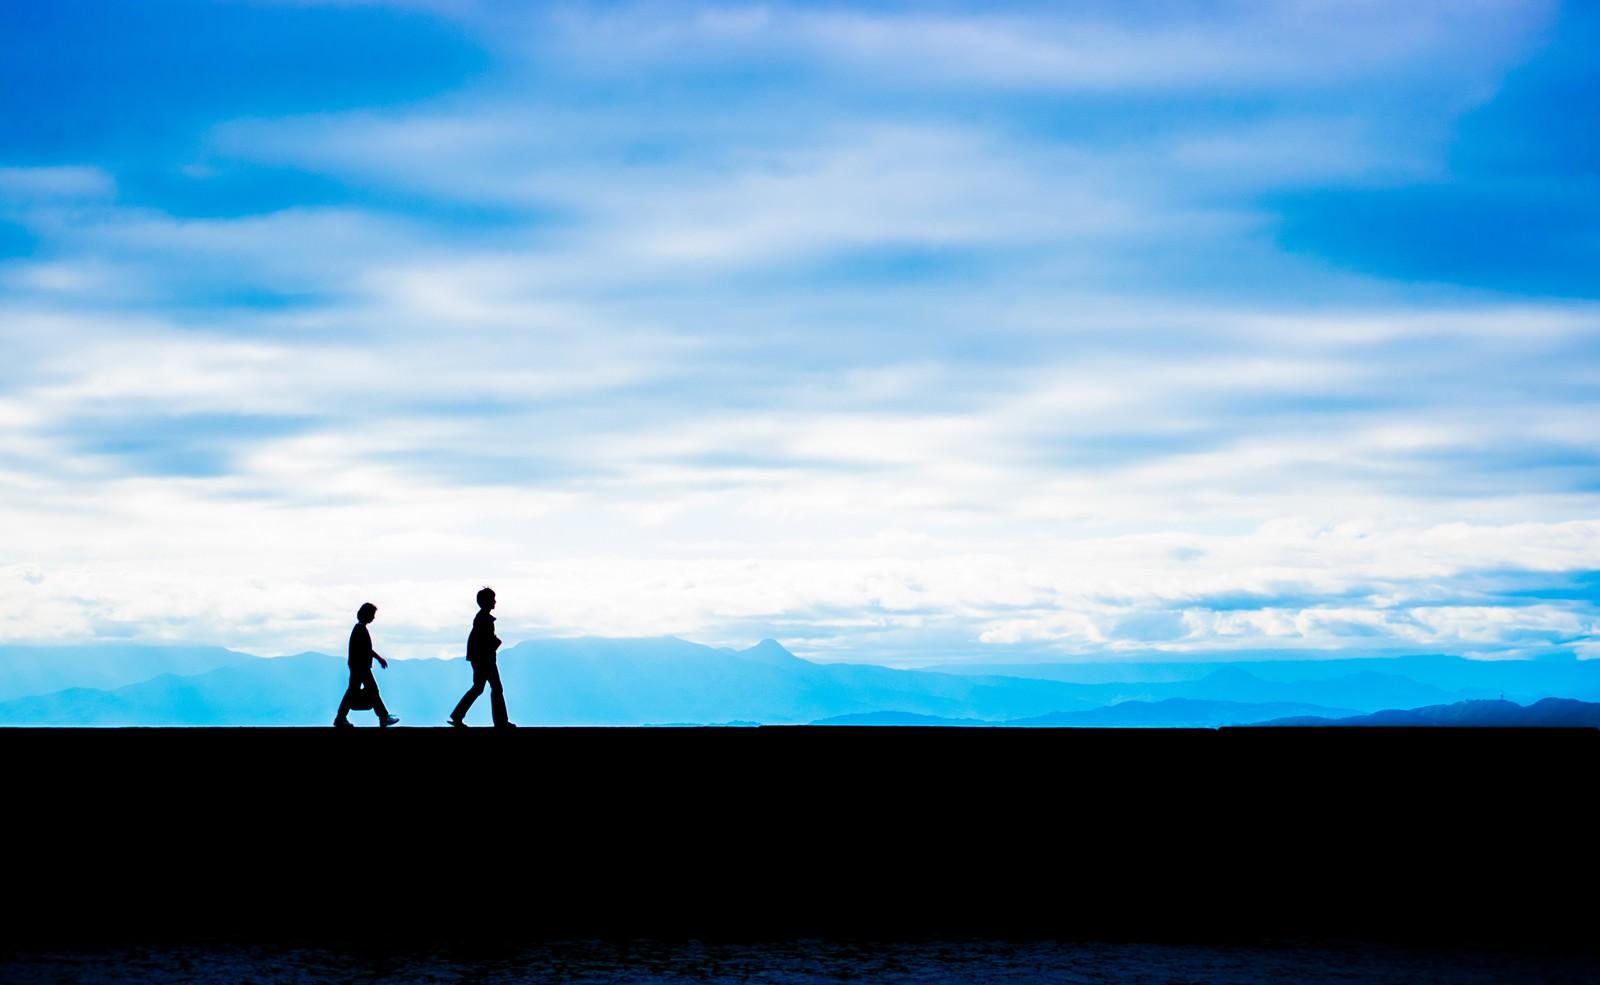 「親子のシルエット(青空と埠頭)」の写真